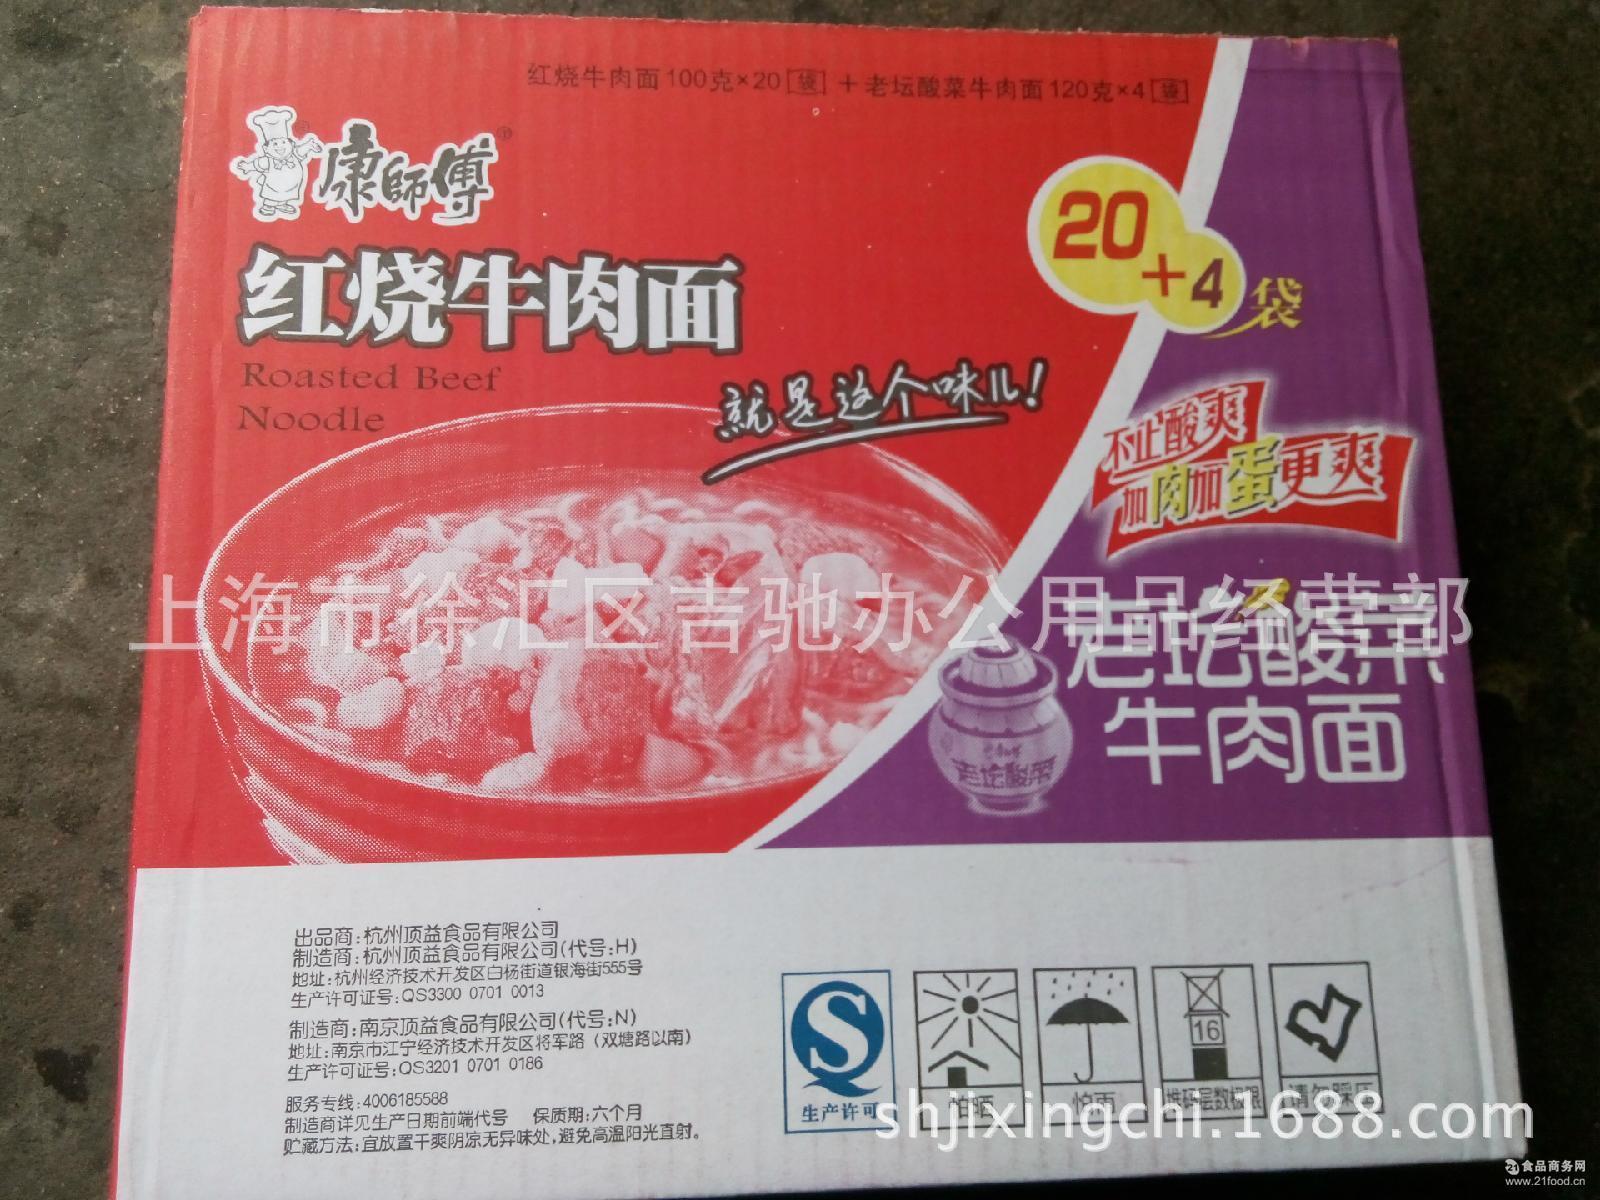 批发康师傅方便面袋装24包红烧牛肉+老坛酸菜20+4袋综合包装